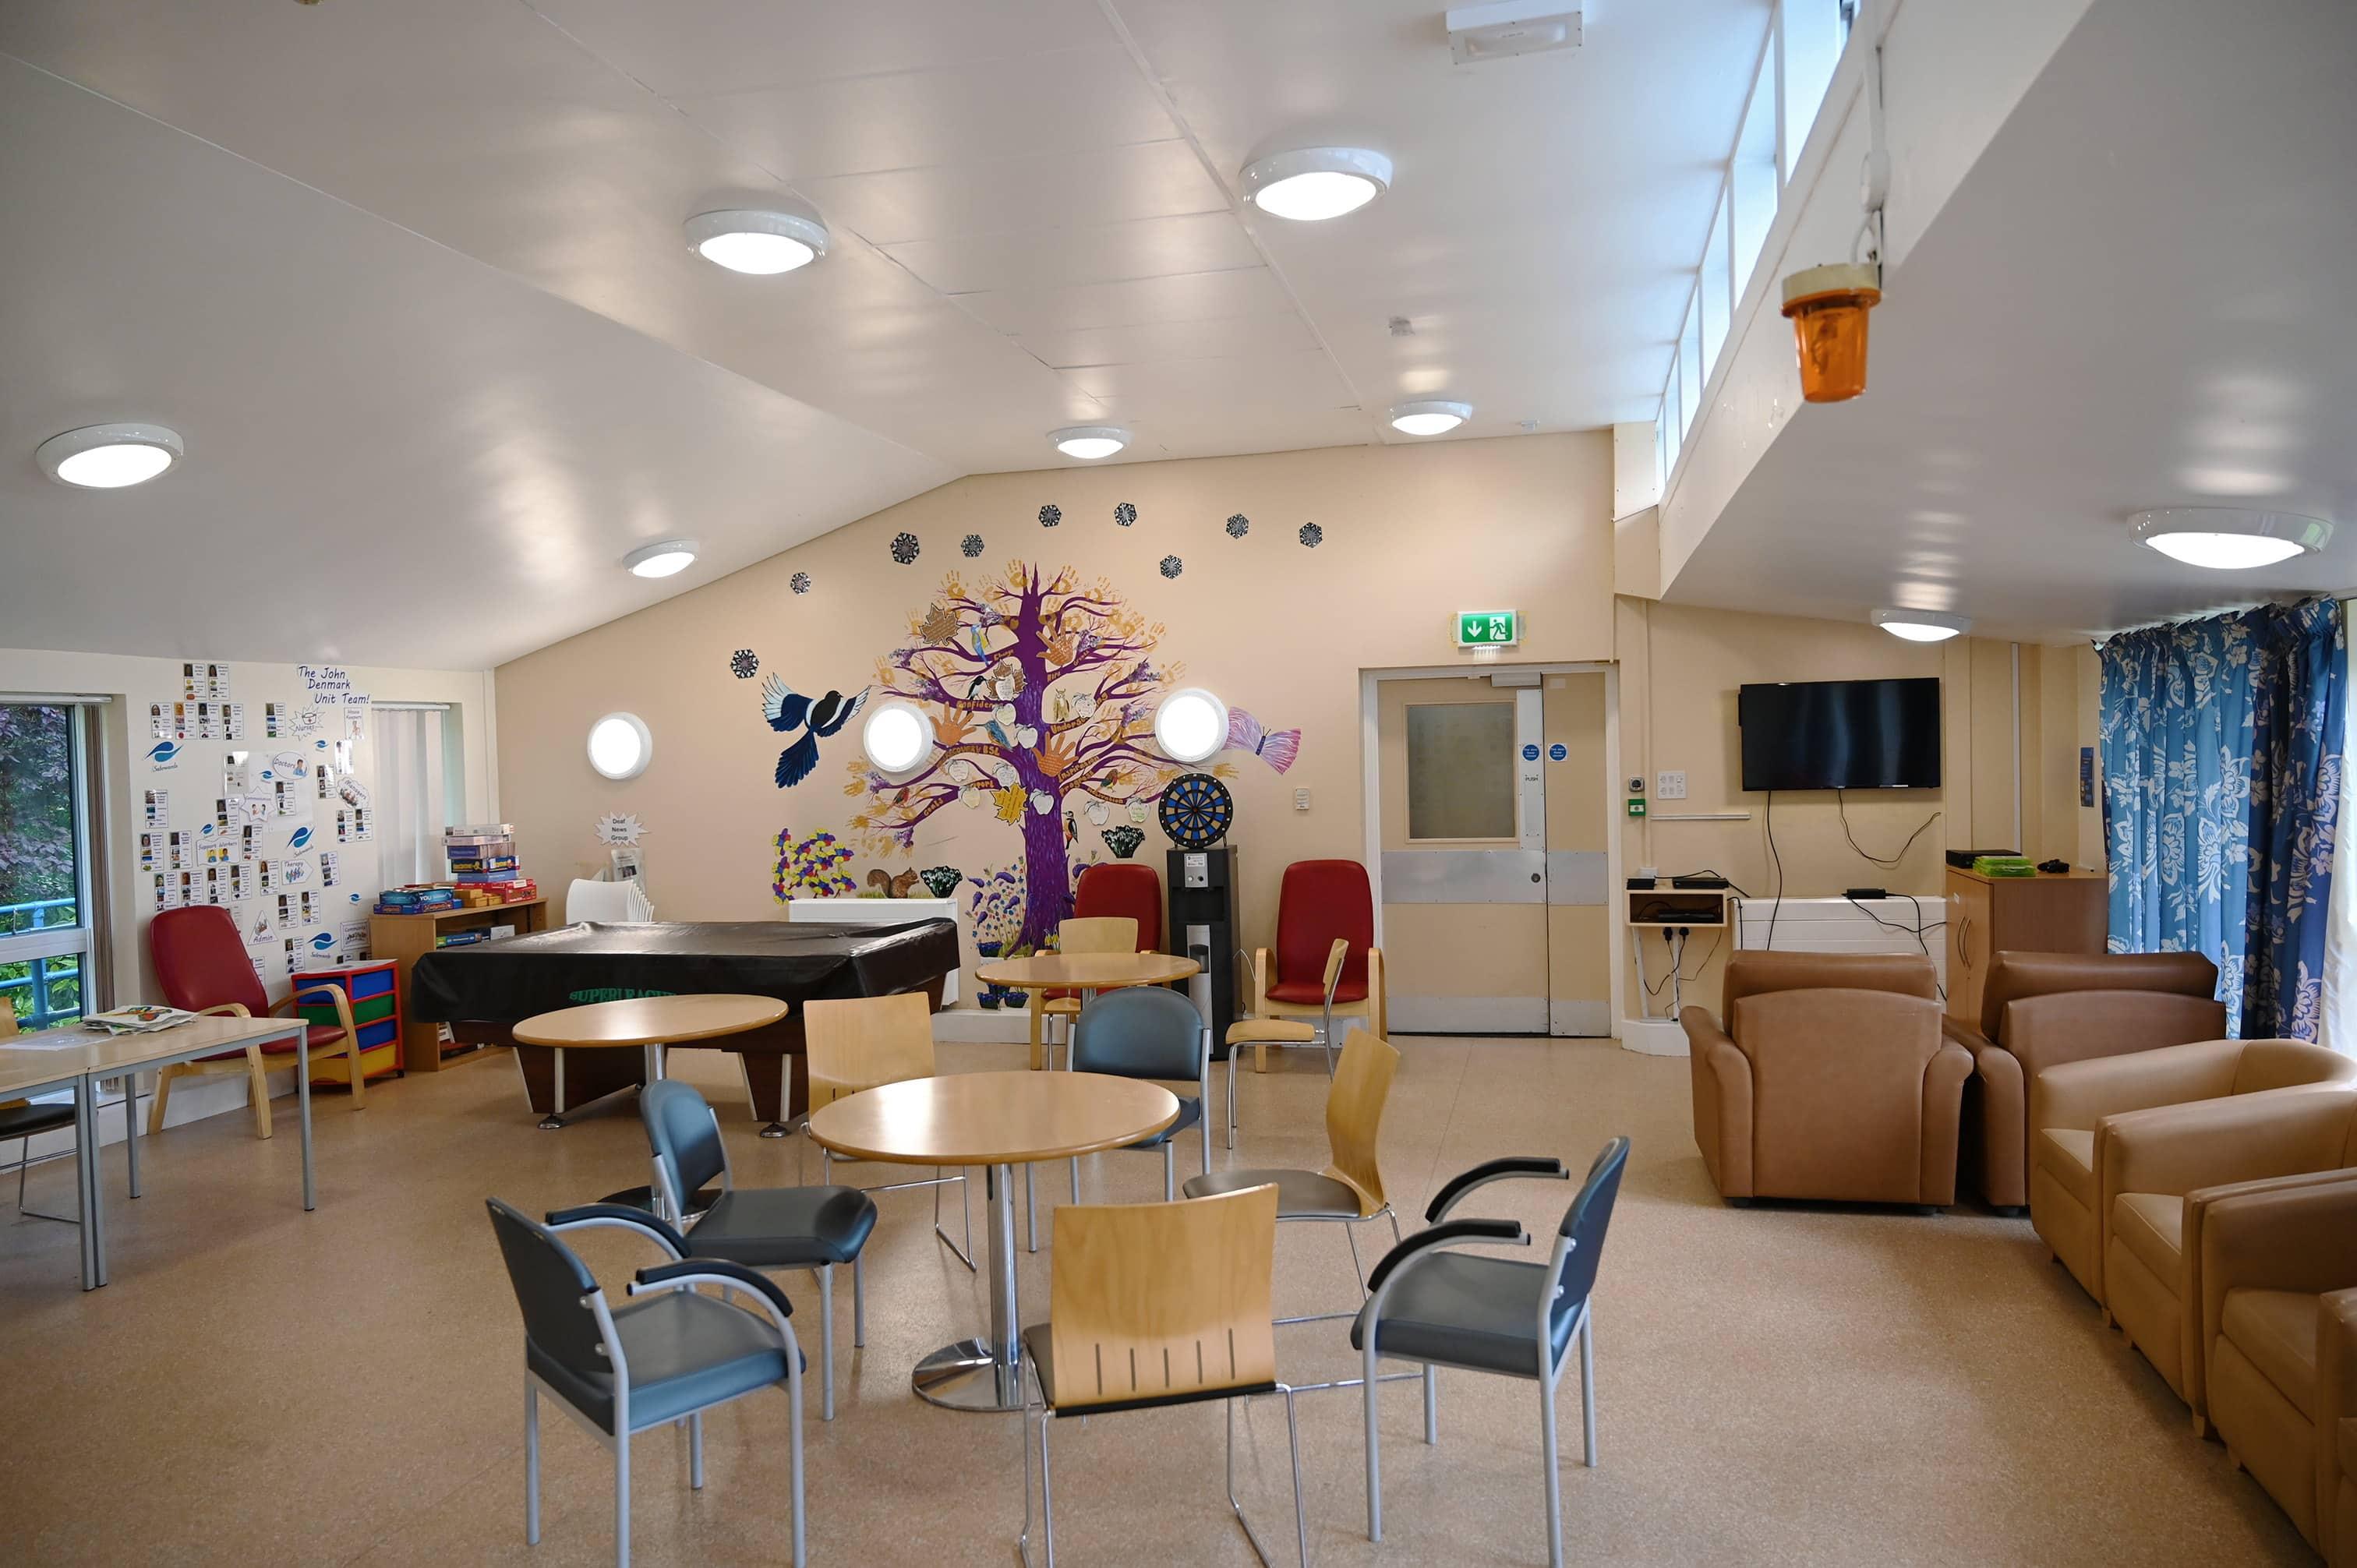 Prestwich Hospital - Communal Room 2